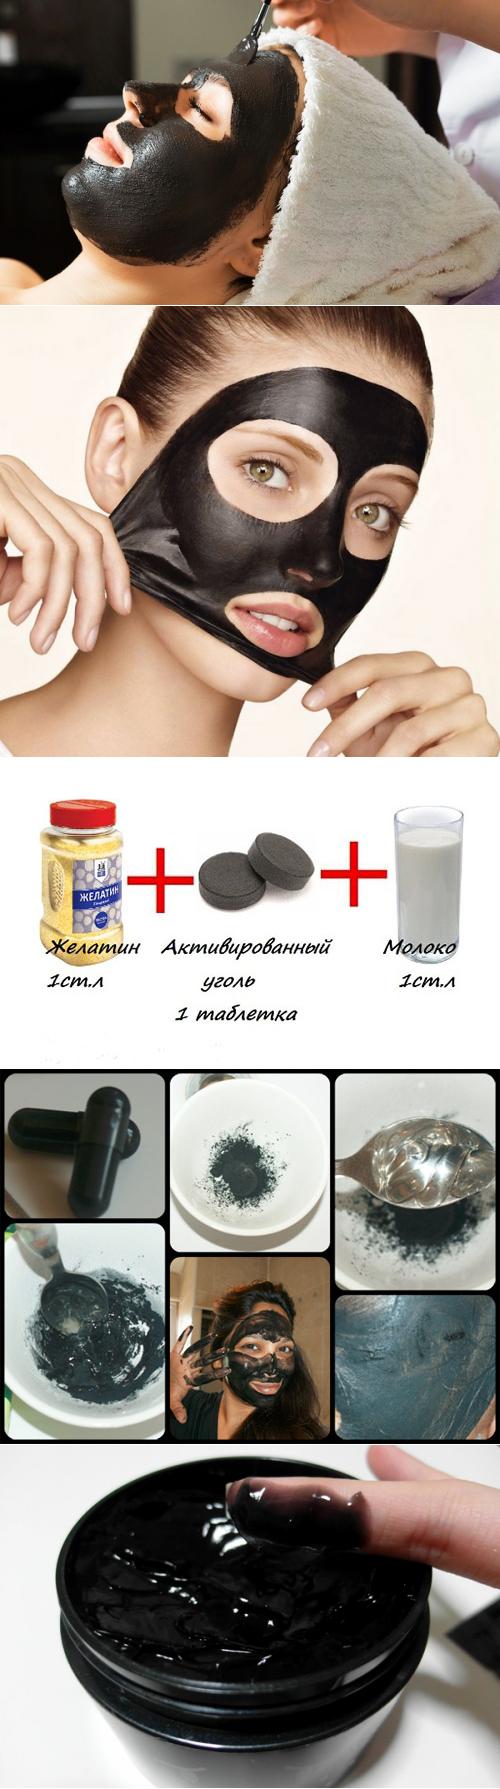 Невероятный эффект желатиновой маски для лица. лучшие рецепты масок из желатина